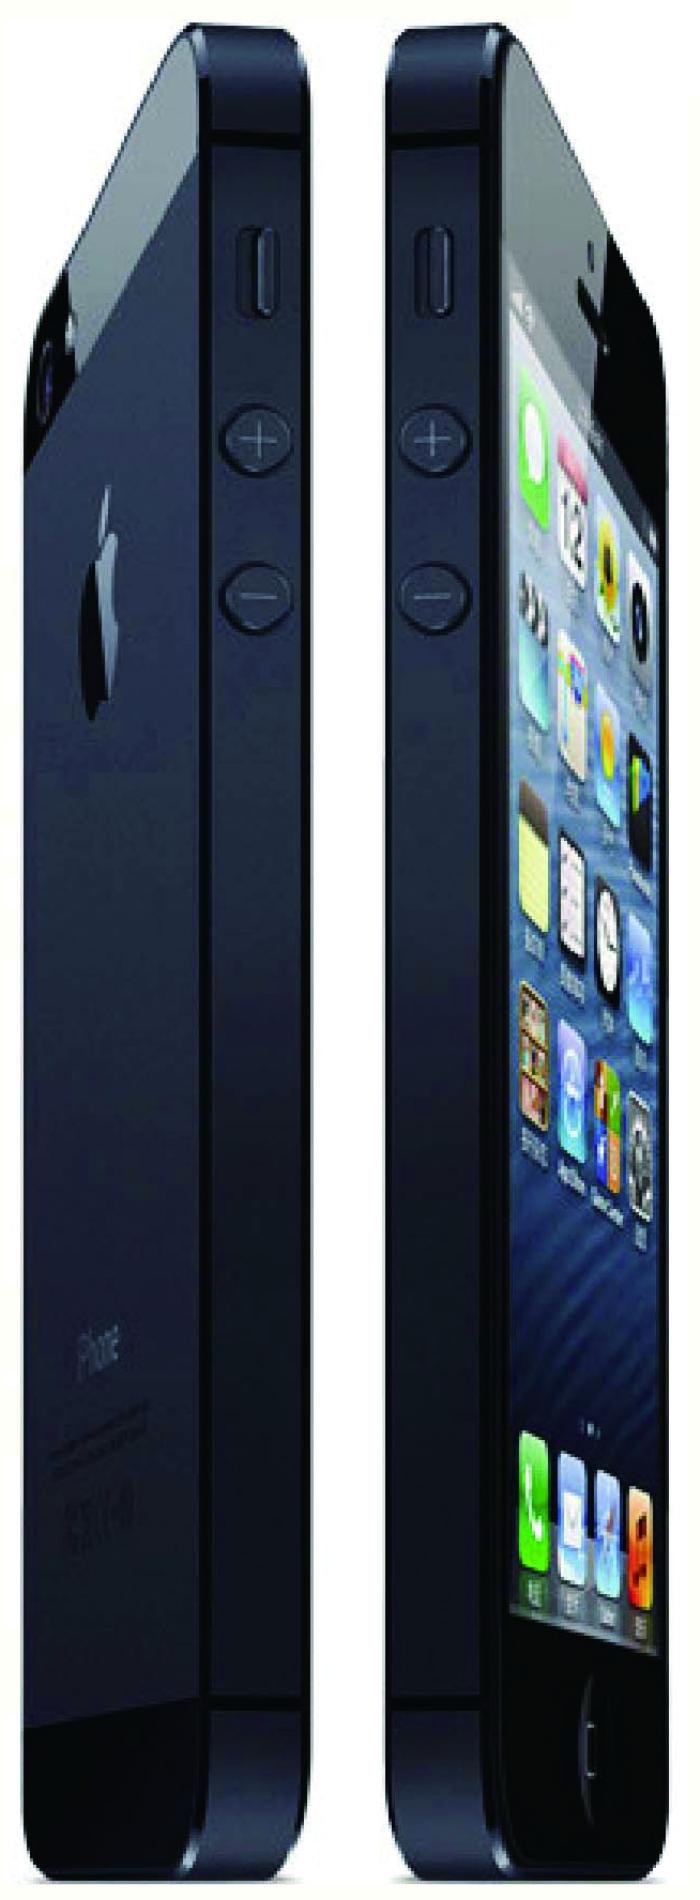 电信iPhone5 12月上市11月20日起全面接受预订(组图)-搜狐滚动